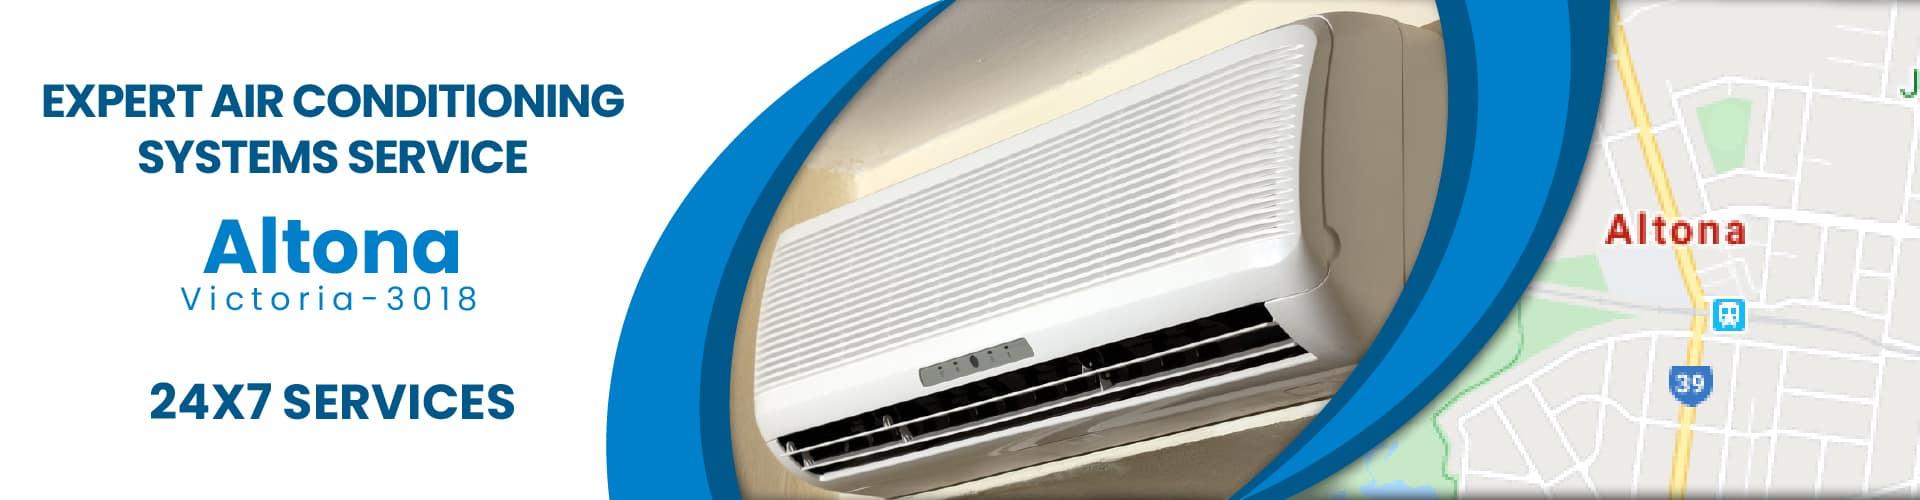 Air Conditioning Altona